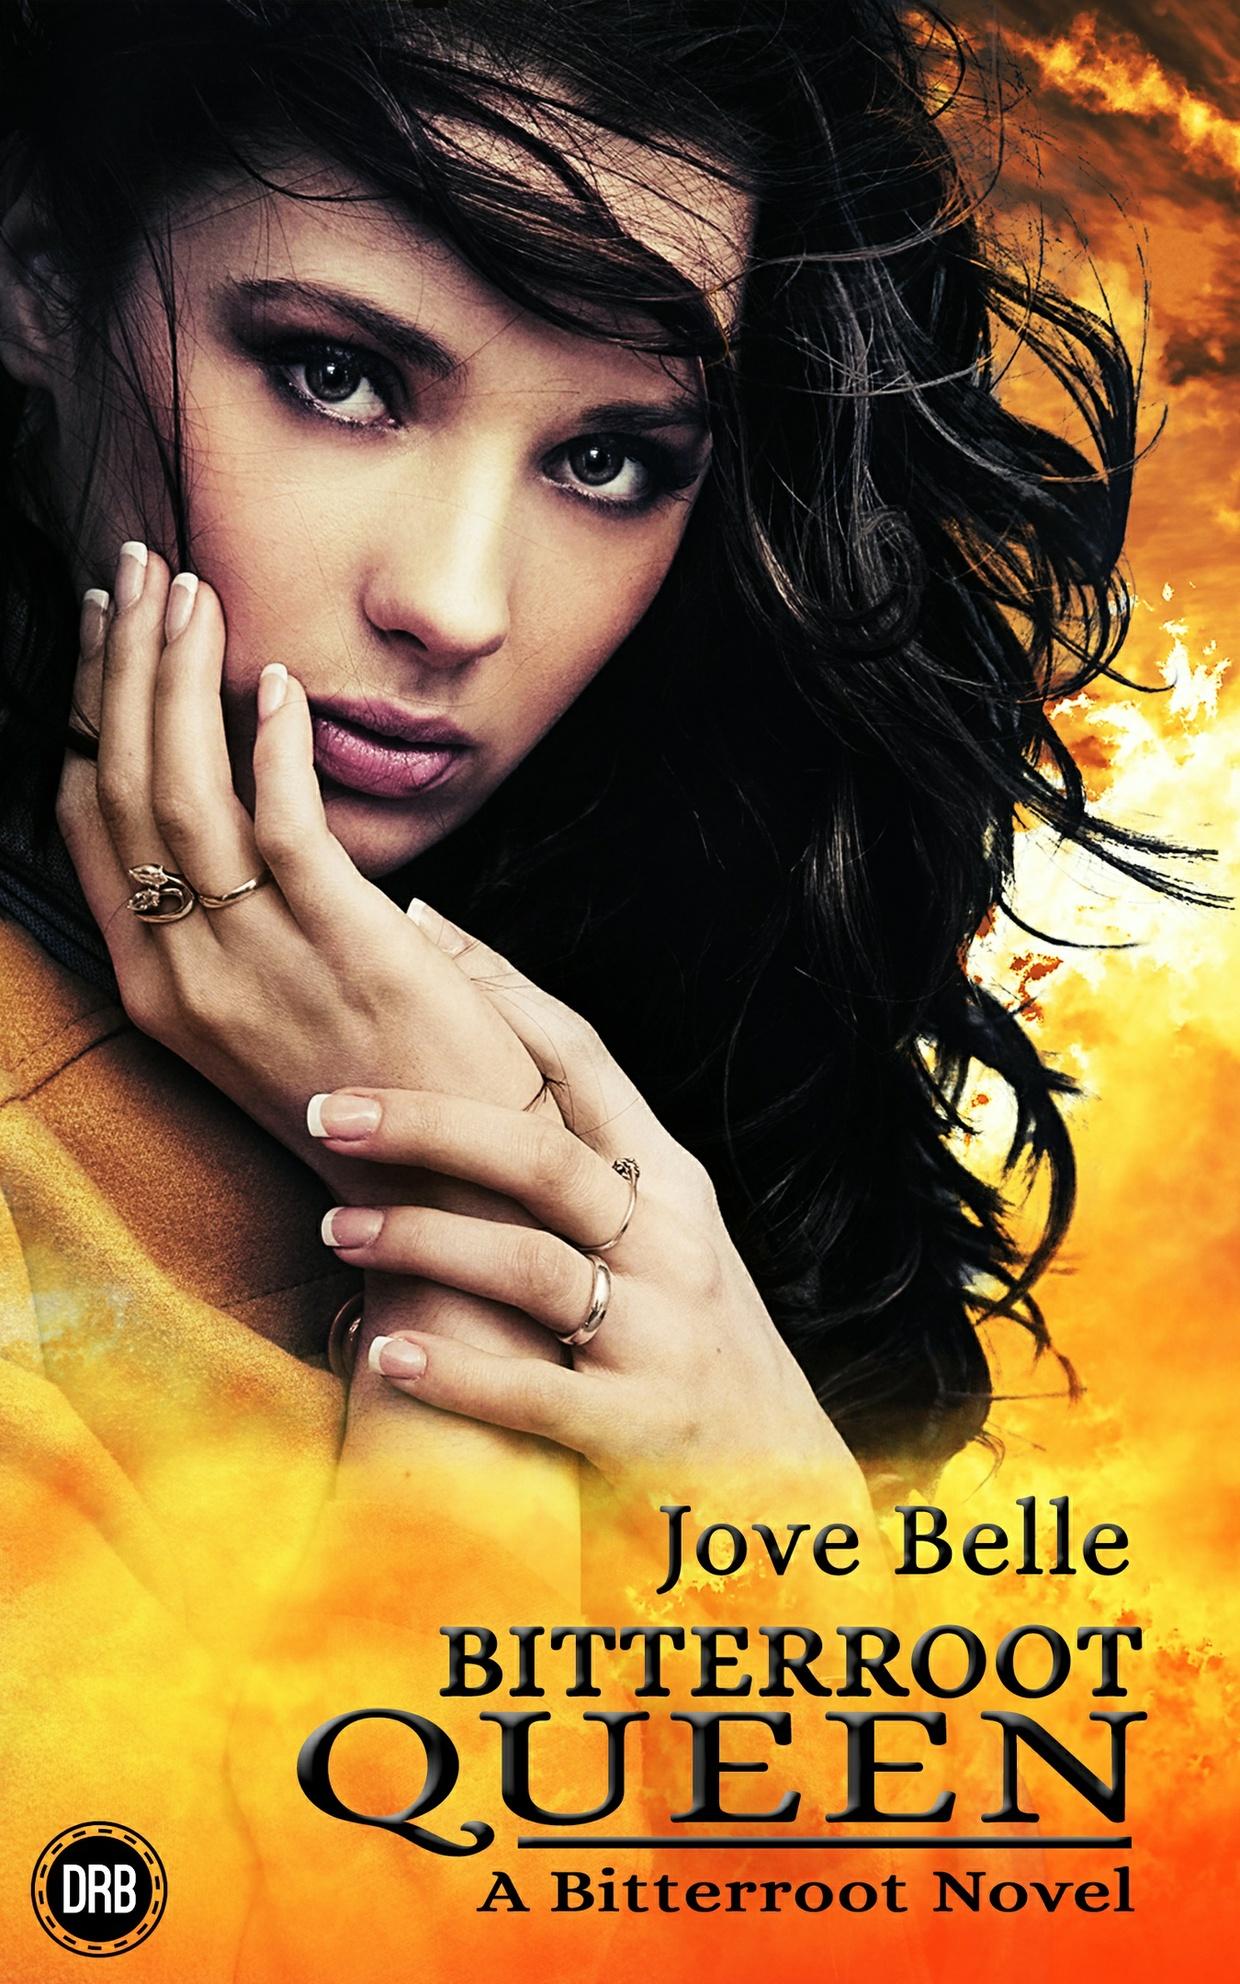 Bitterroot Queen by Jove Belle - mobi (Kindle)